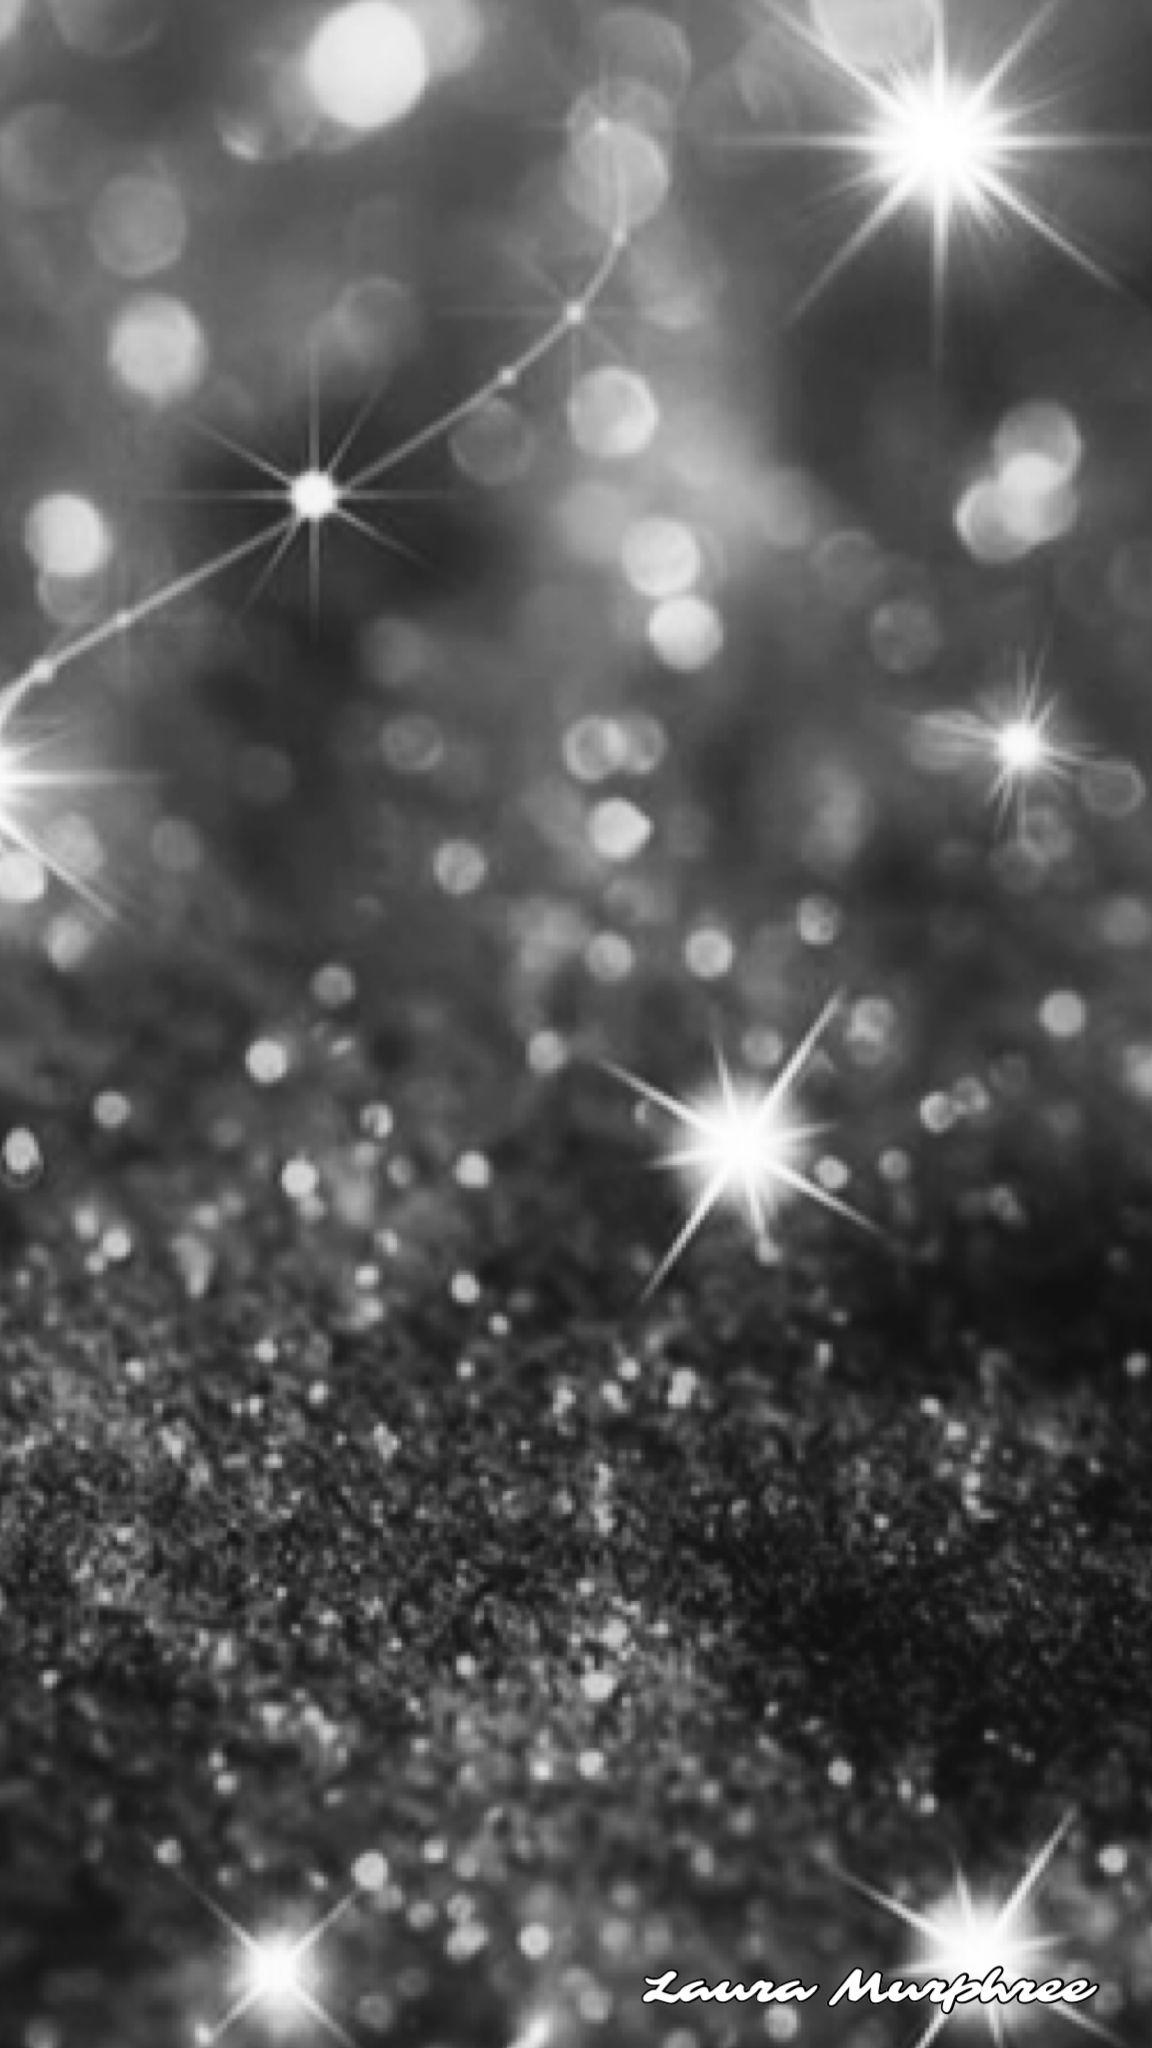 Black Glitter Phone Wallpaper Sparkle Background Sparkling Glittery Girly Shimmer Sparkle Wallpaper Iphone Wallpaper Glitter Iphone Wallpaper Glitter Black